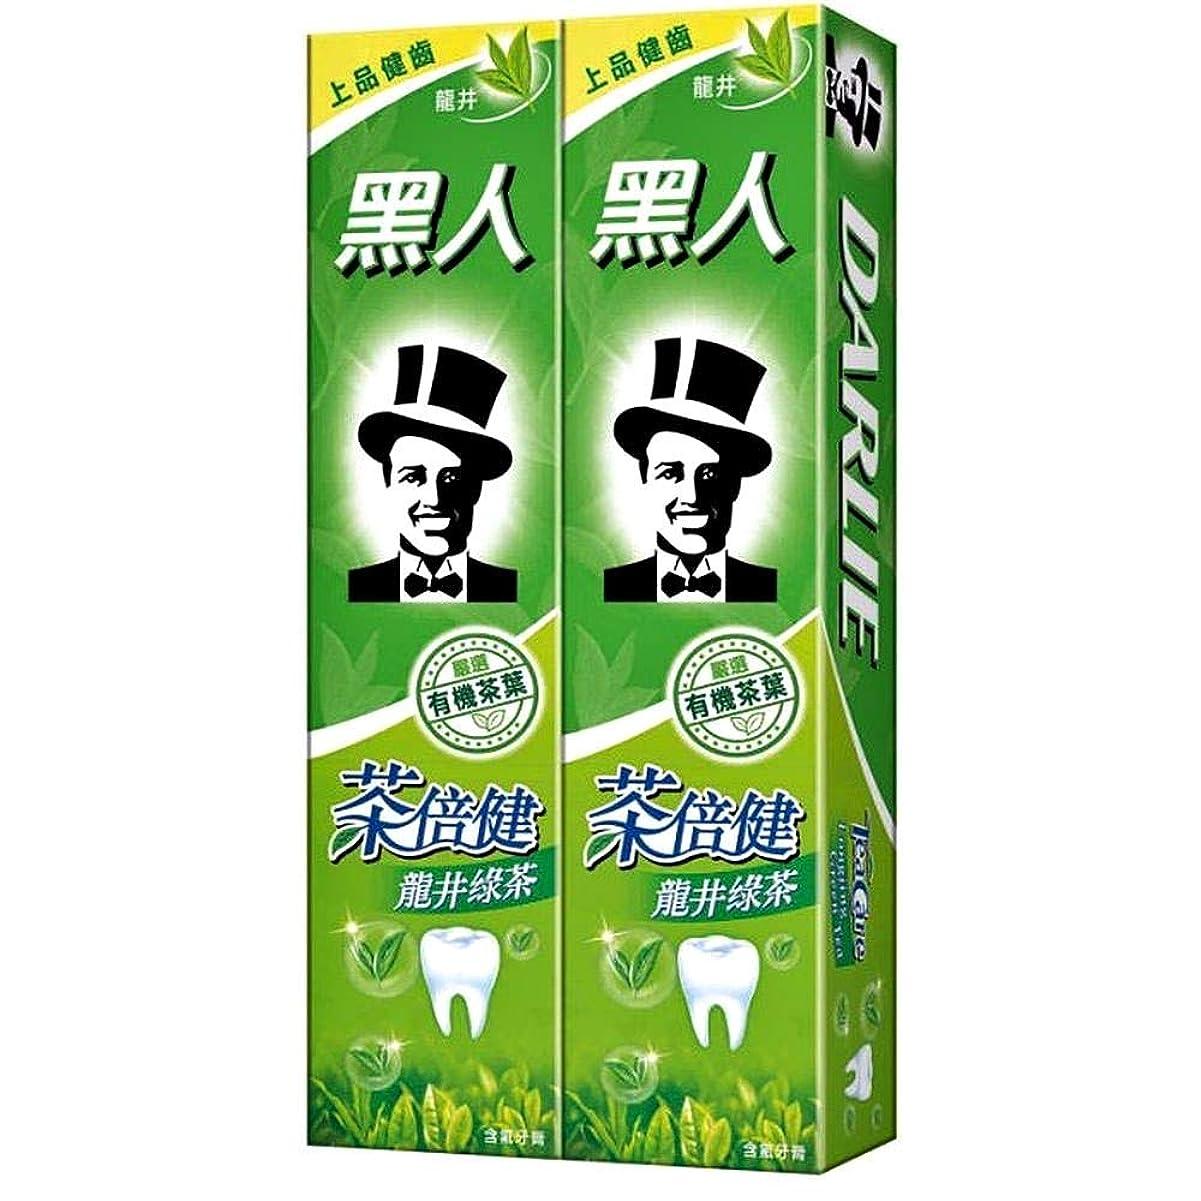 同一性雪だるま病な黑人 茶倍健 龍井緑茶 緑茶成分歯磨き粉配合160g×2 [並行輸入品]